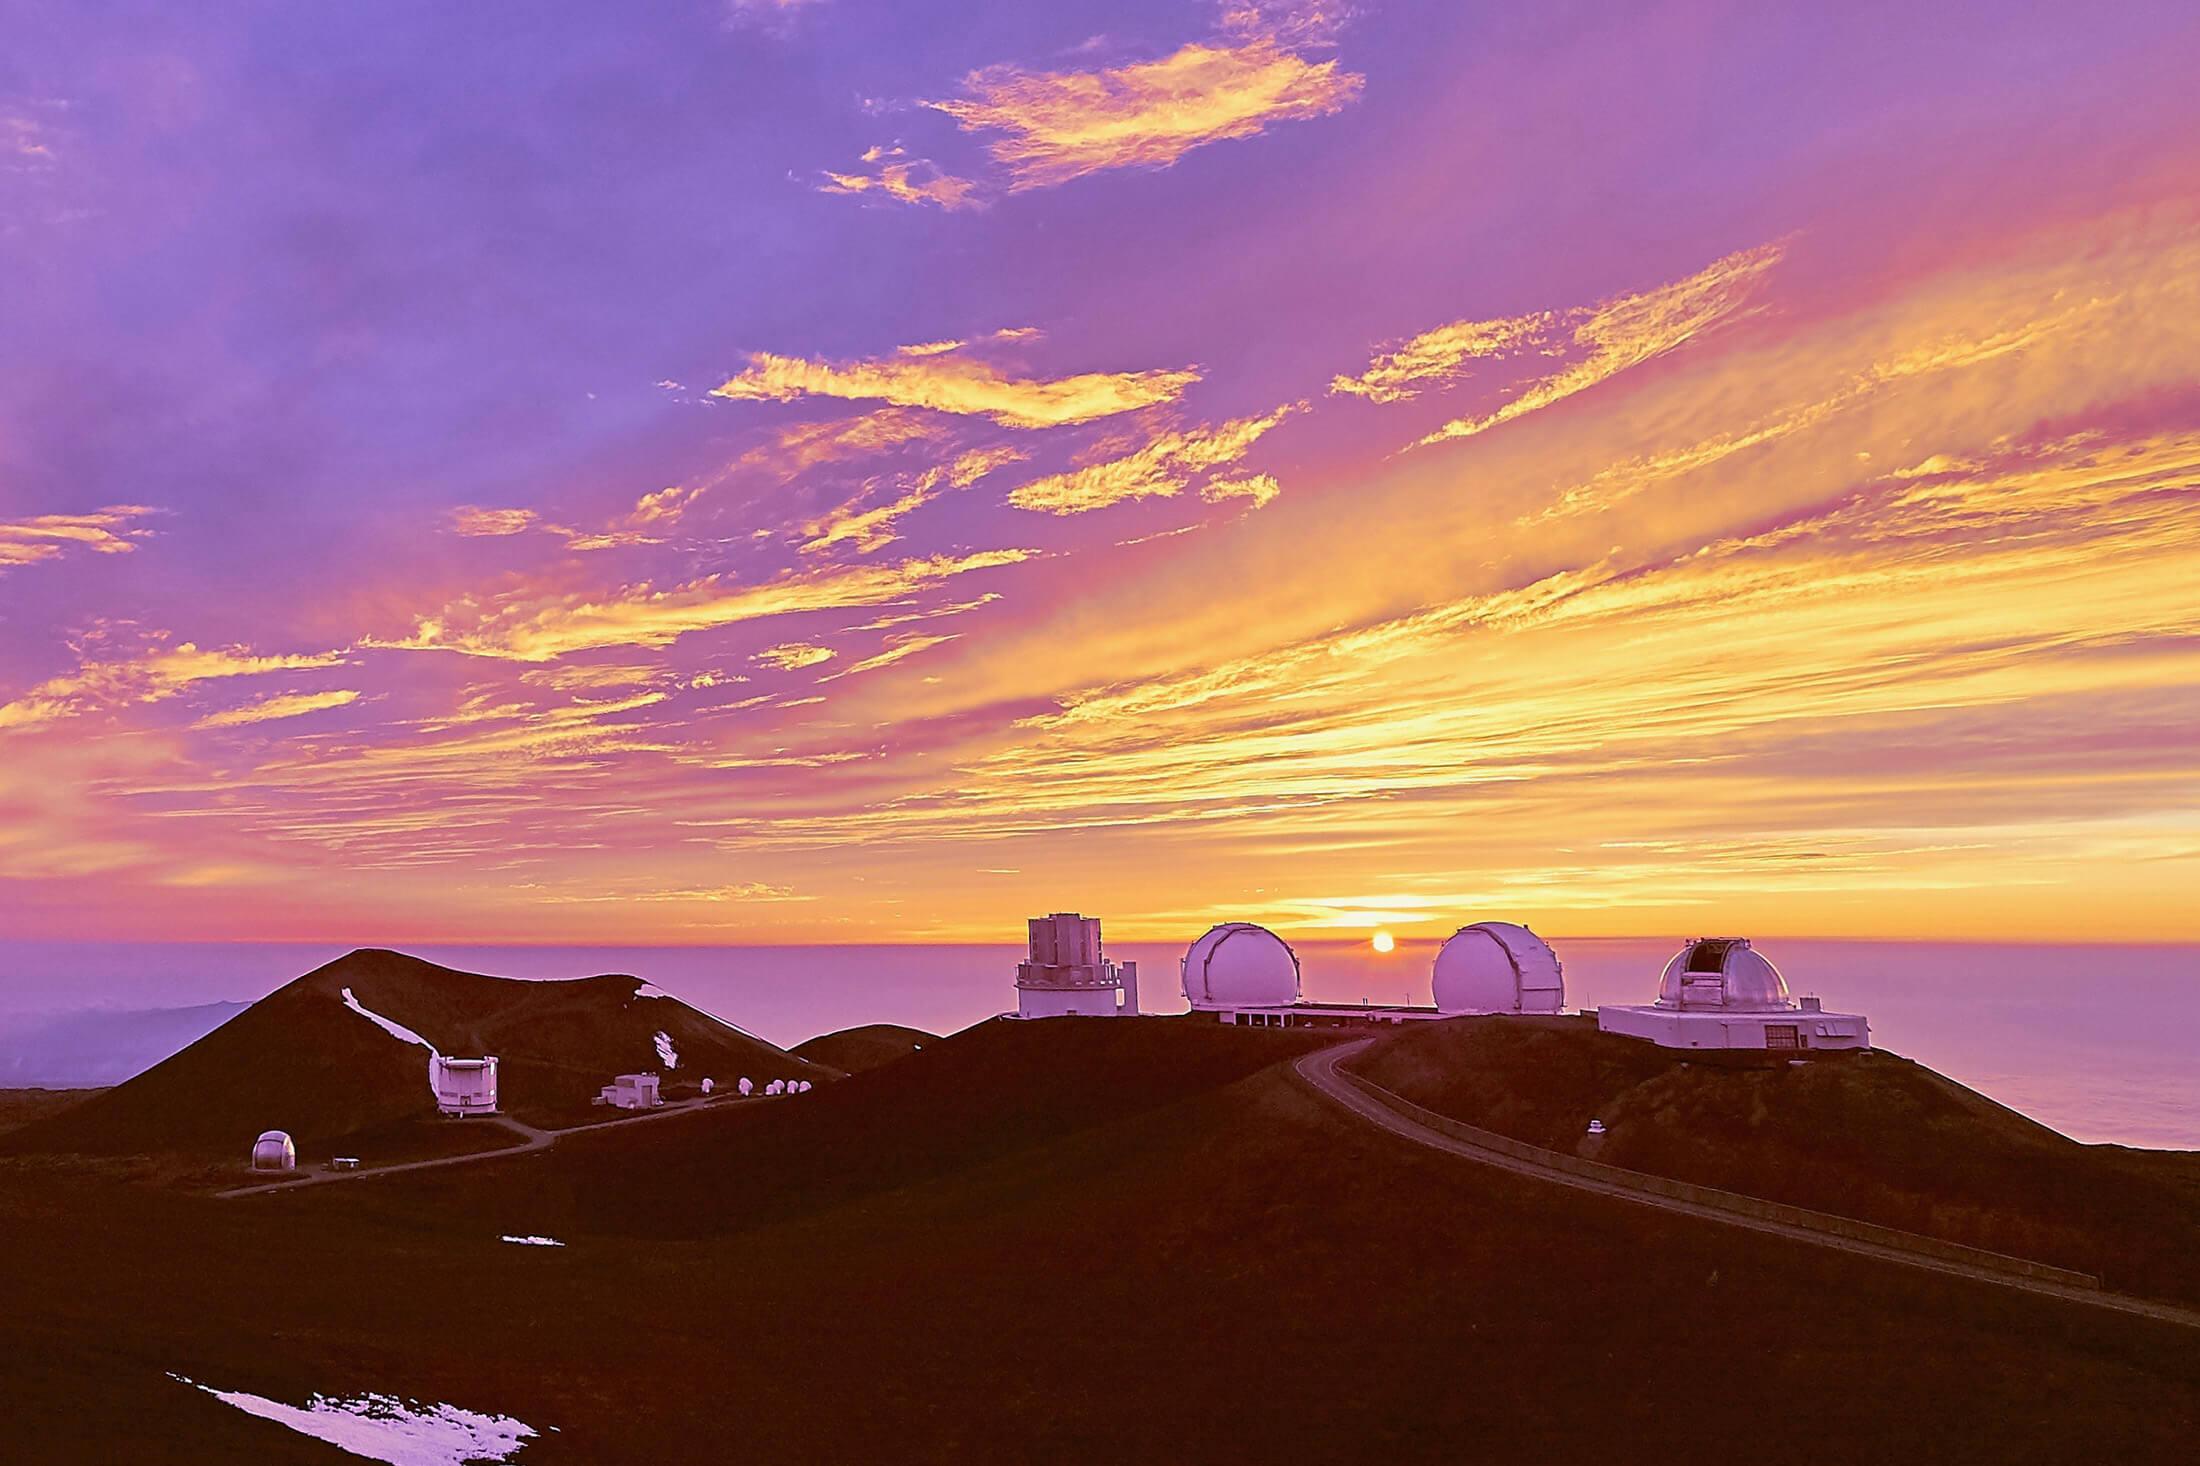 ハワイ島マウナケア山頂のサンセット